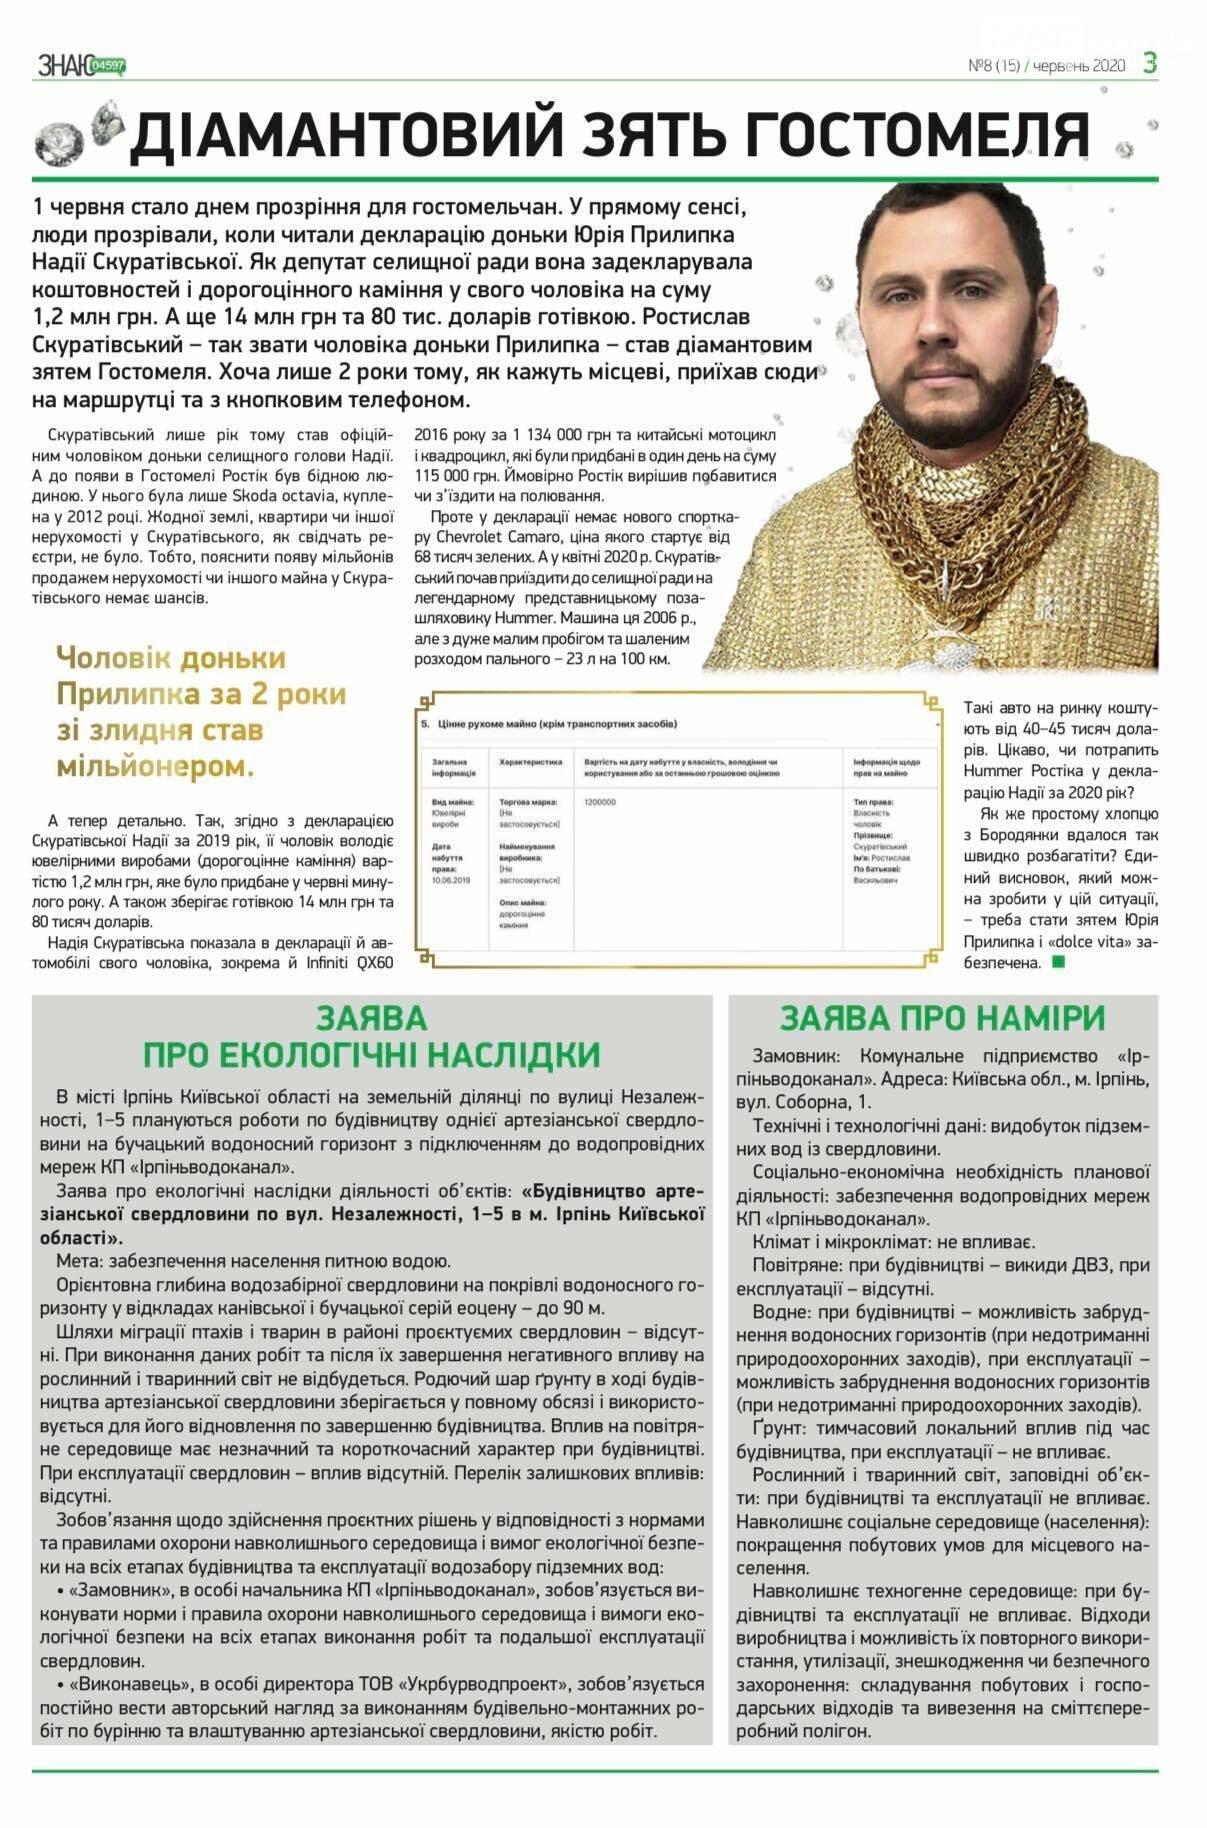 """Двірники Гостомеля виймають газету """"ЗНАЮ"""" зі скриньок , фото-3"""